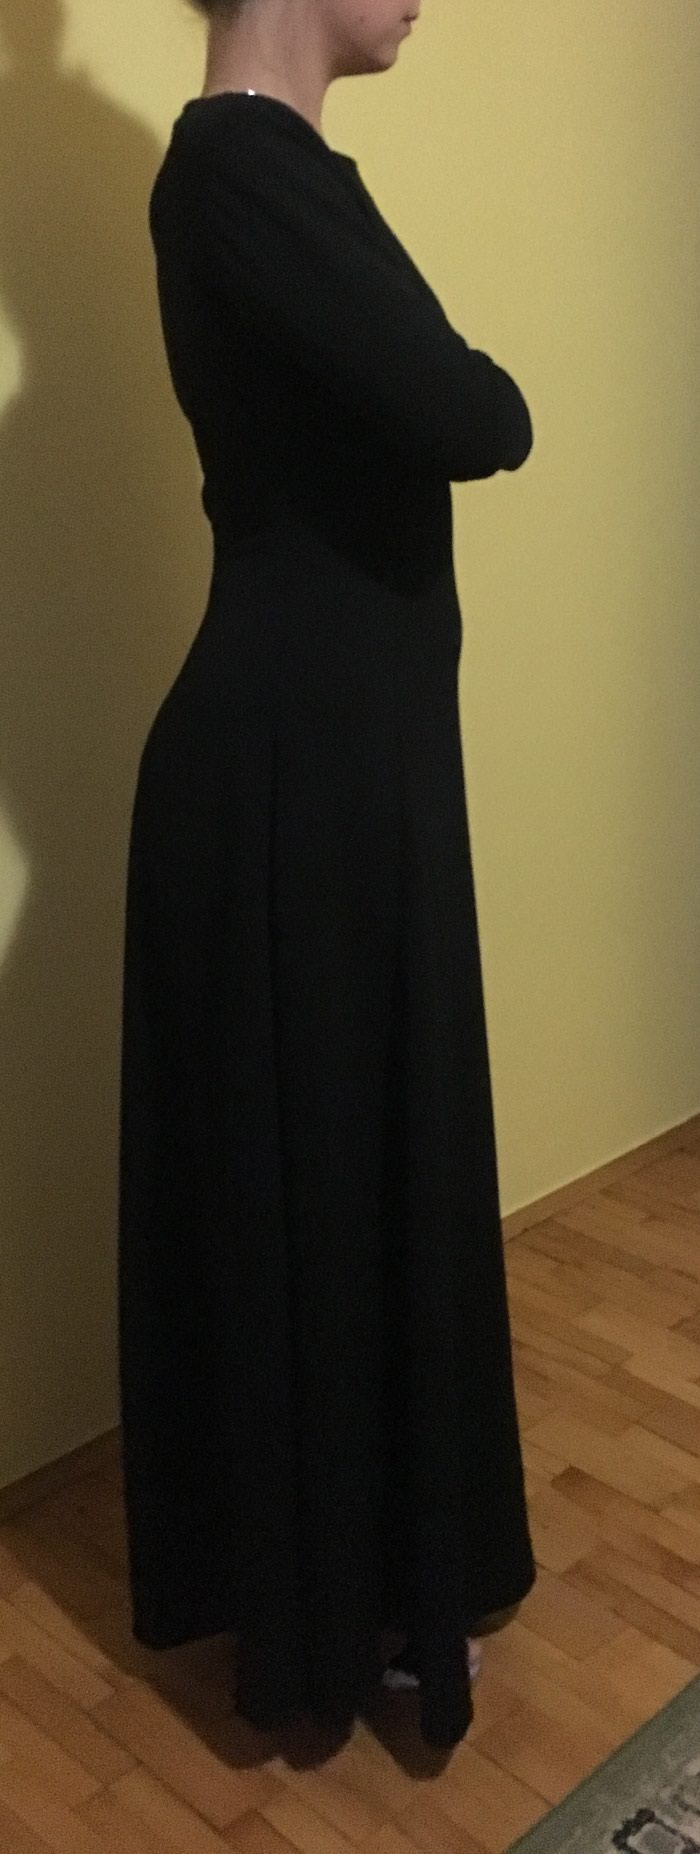 Crna duga haljina, nikad nosena. Photo 0